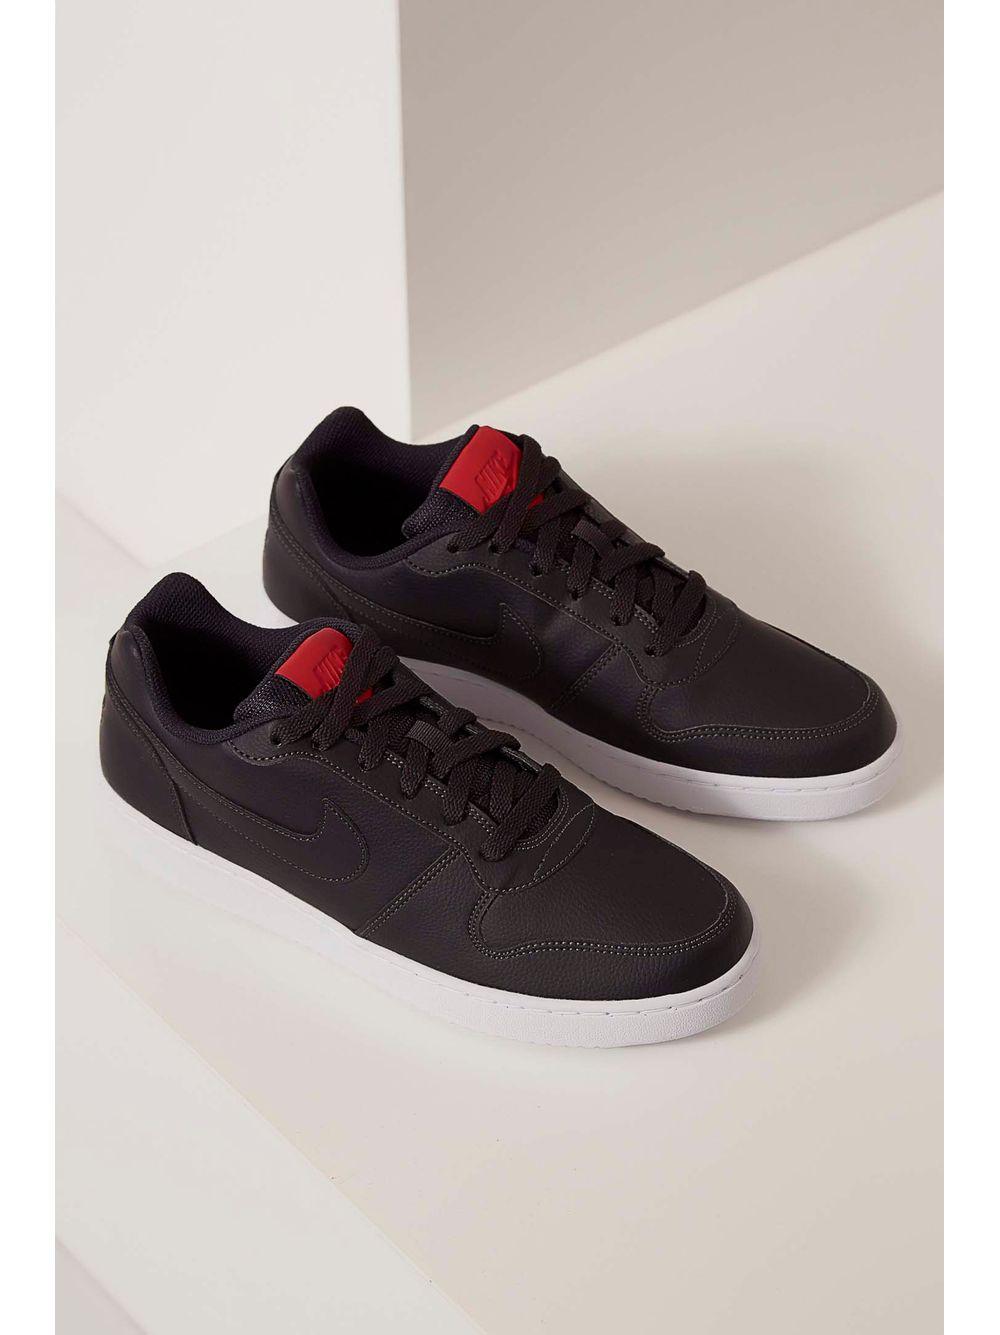 107dd27c85 Tênis Esportivo Masculino Nike Aq1775 Ebernon Low Preto - pittol